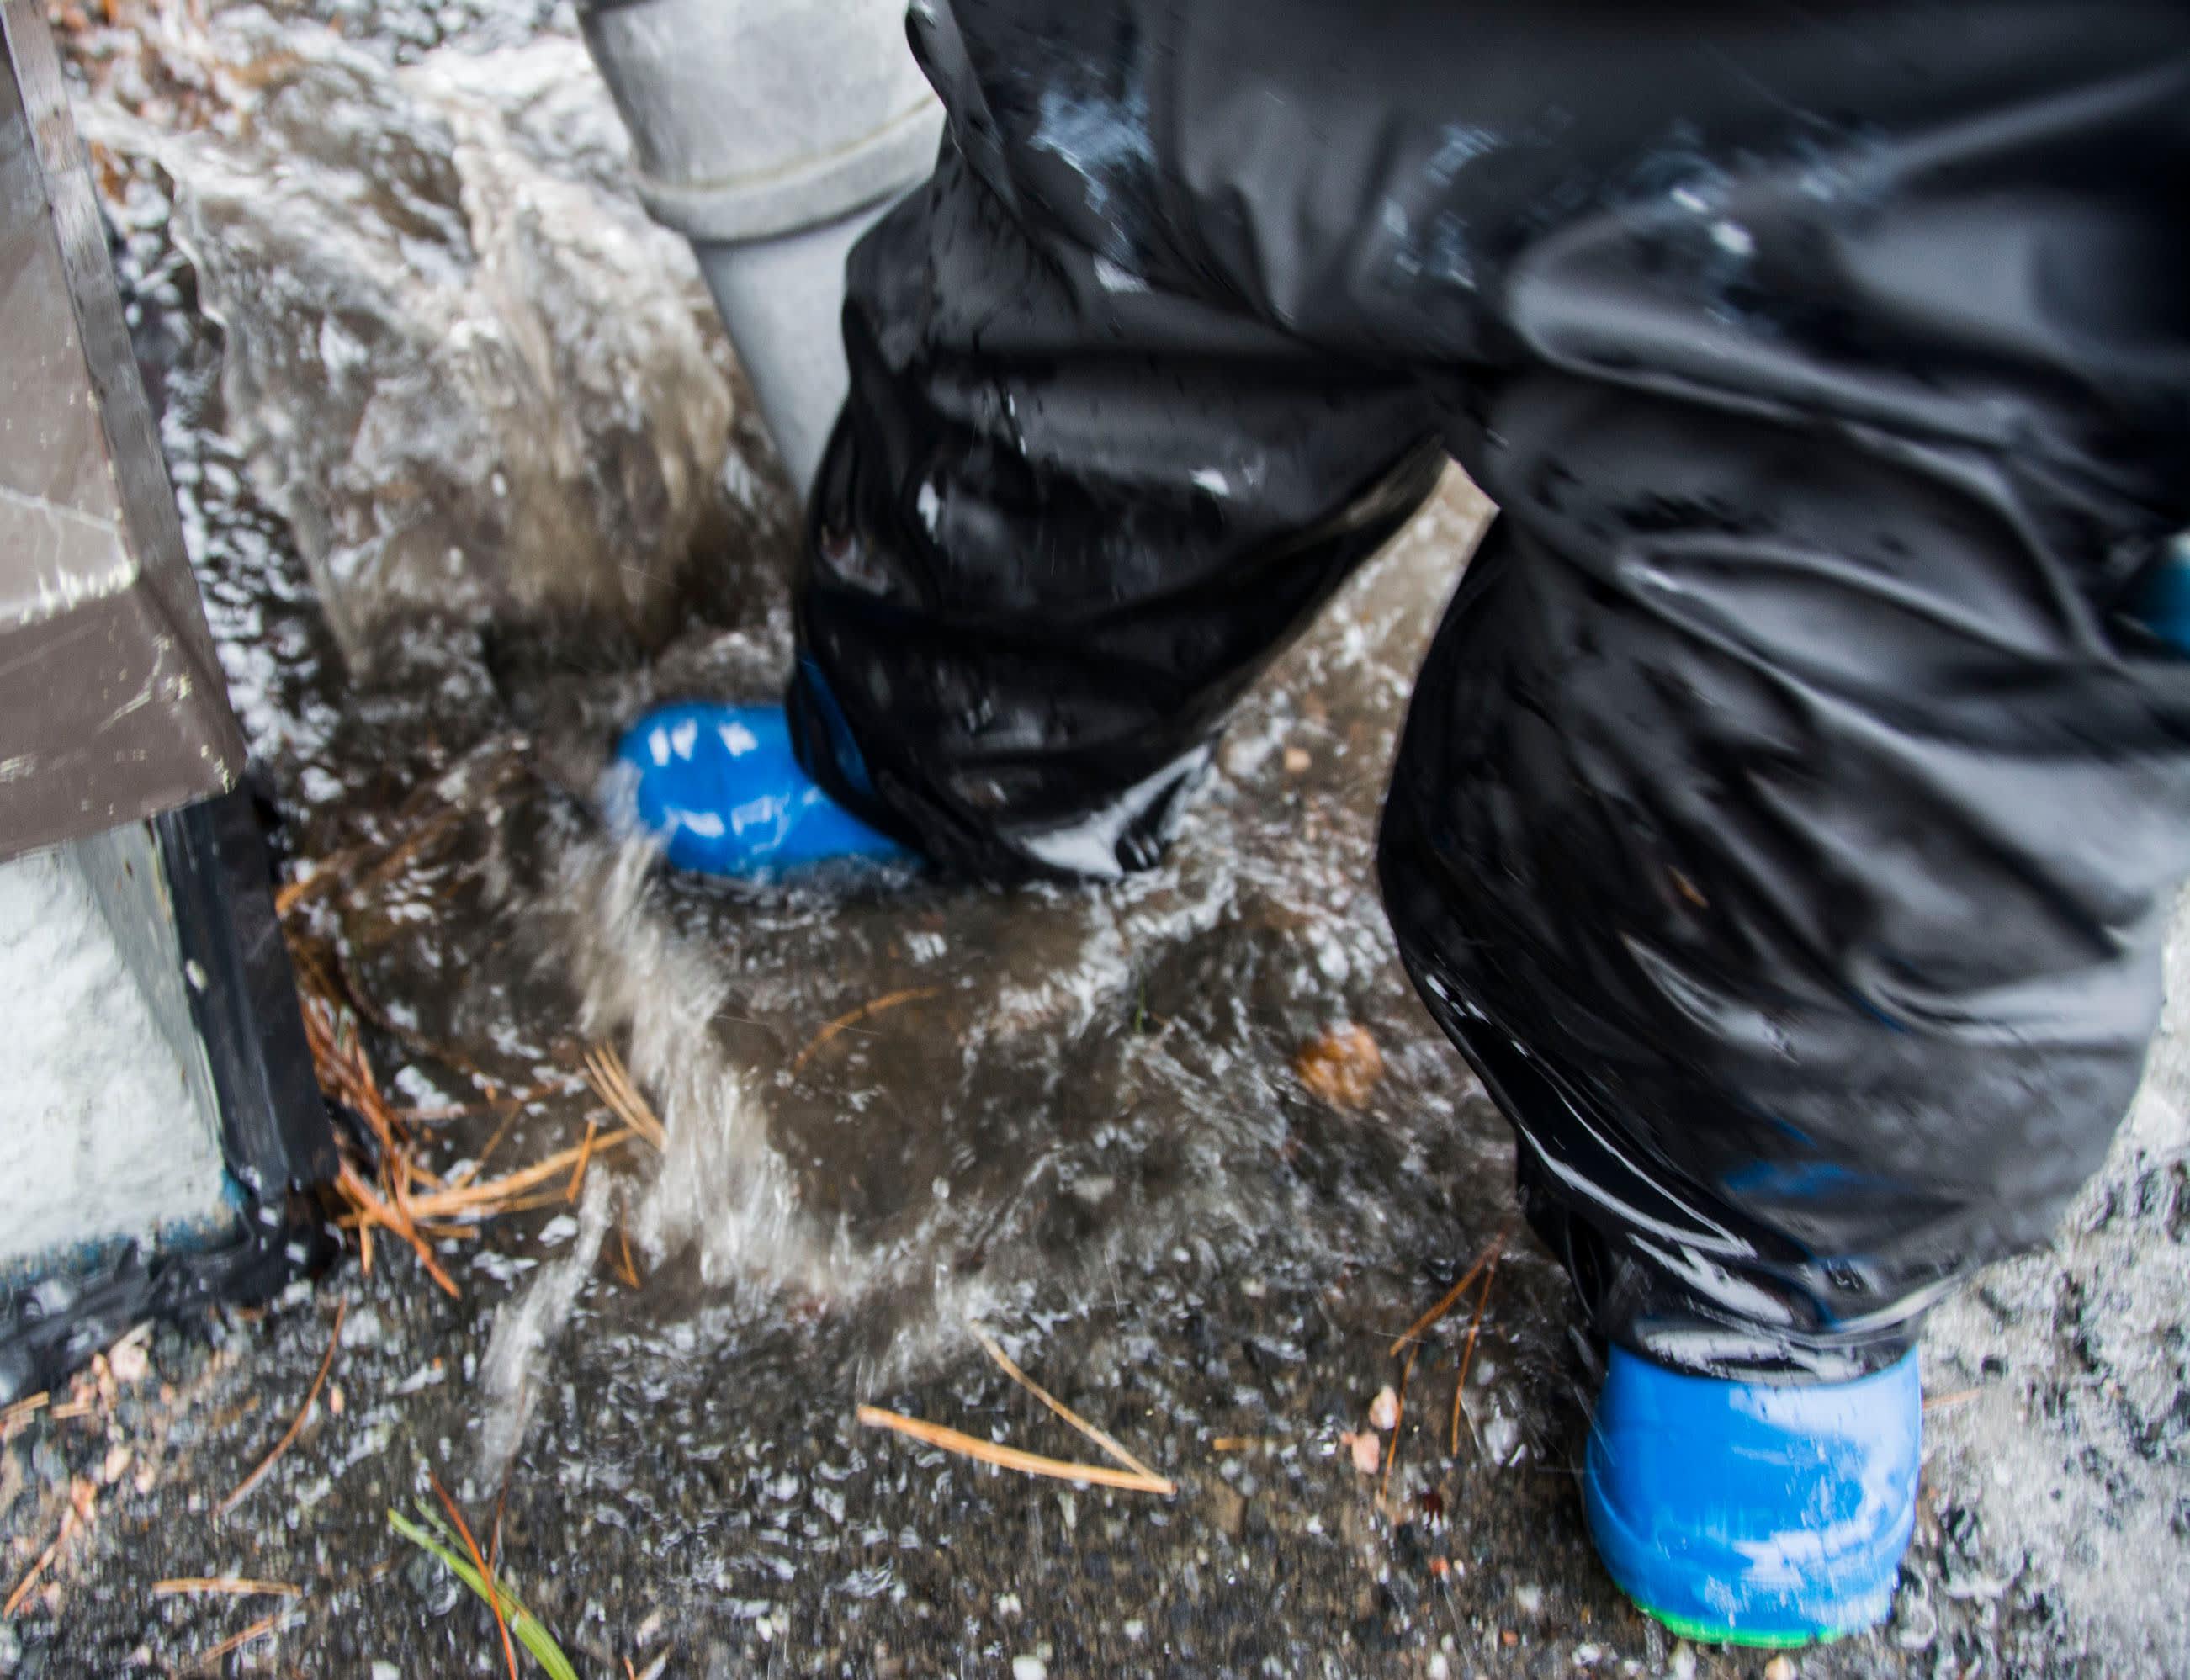 Lapsi hyppii kuralätäkössä ja läiskyttelee vettä.